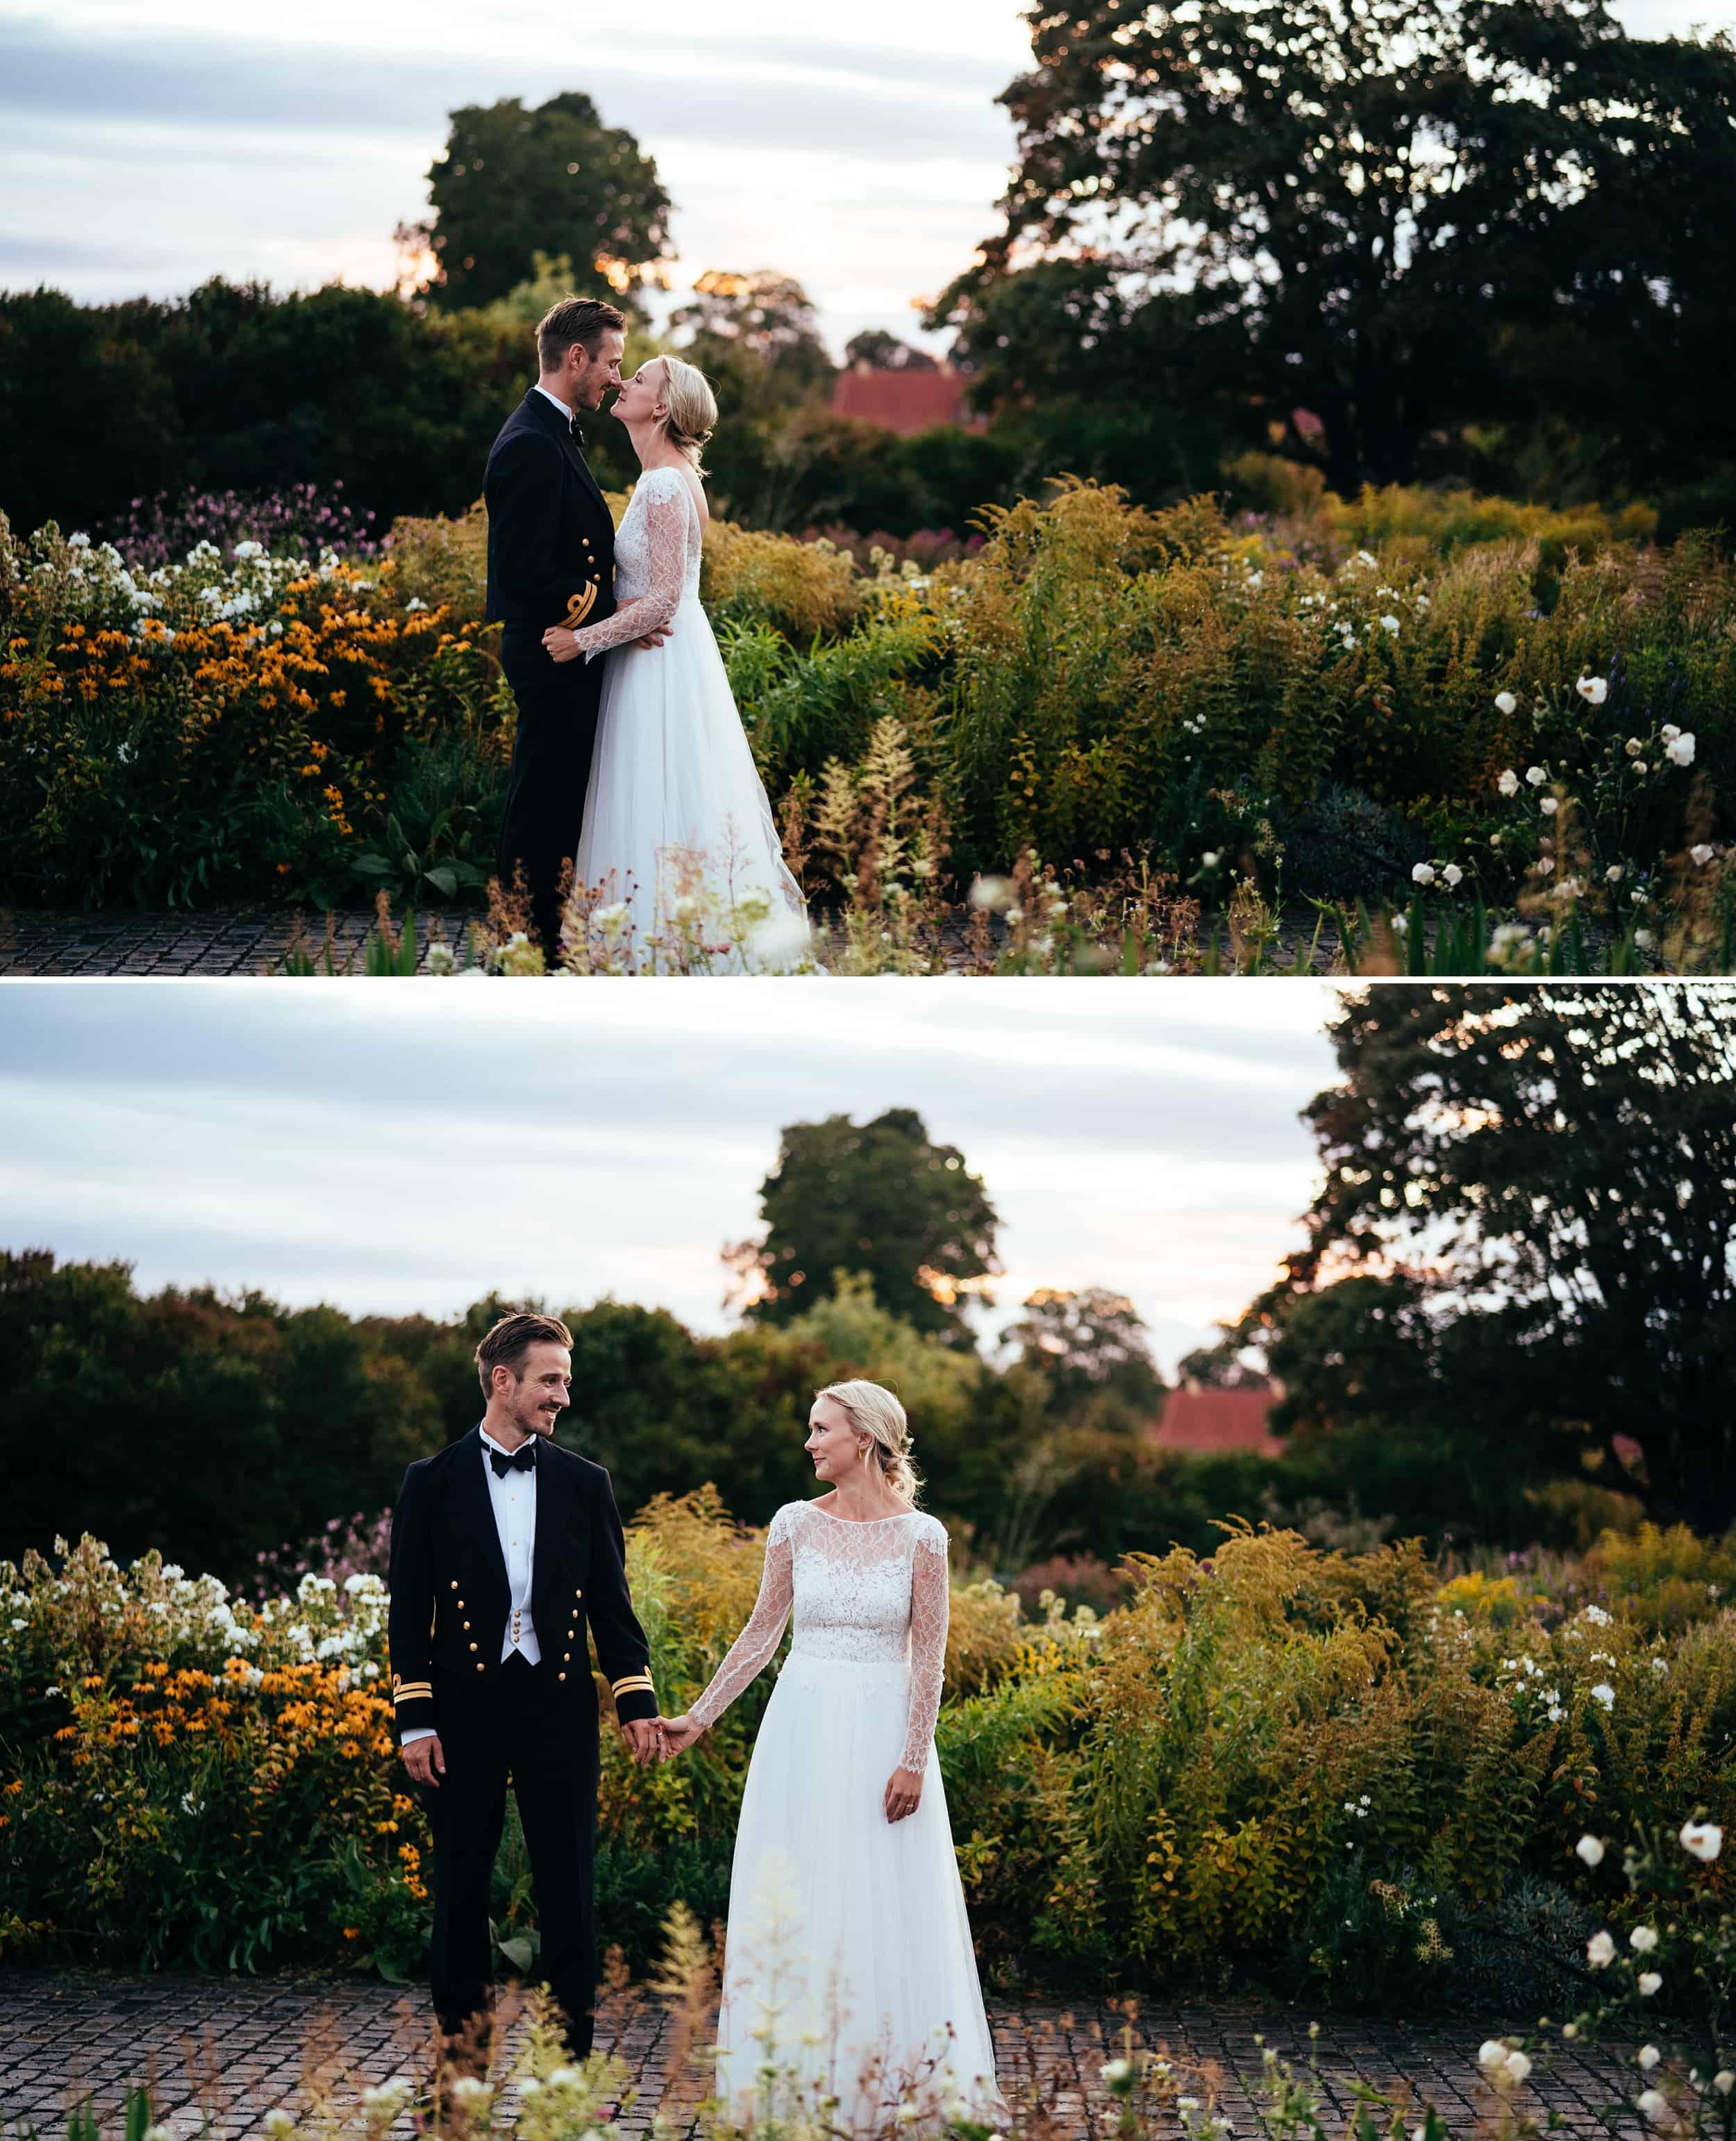 brudepar-i-smuk-have.jpg